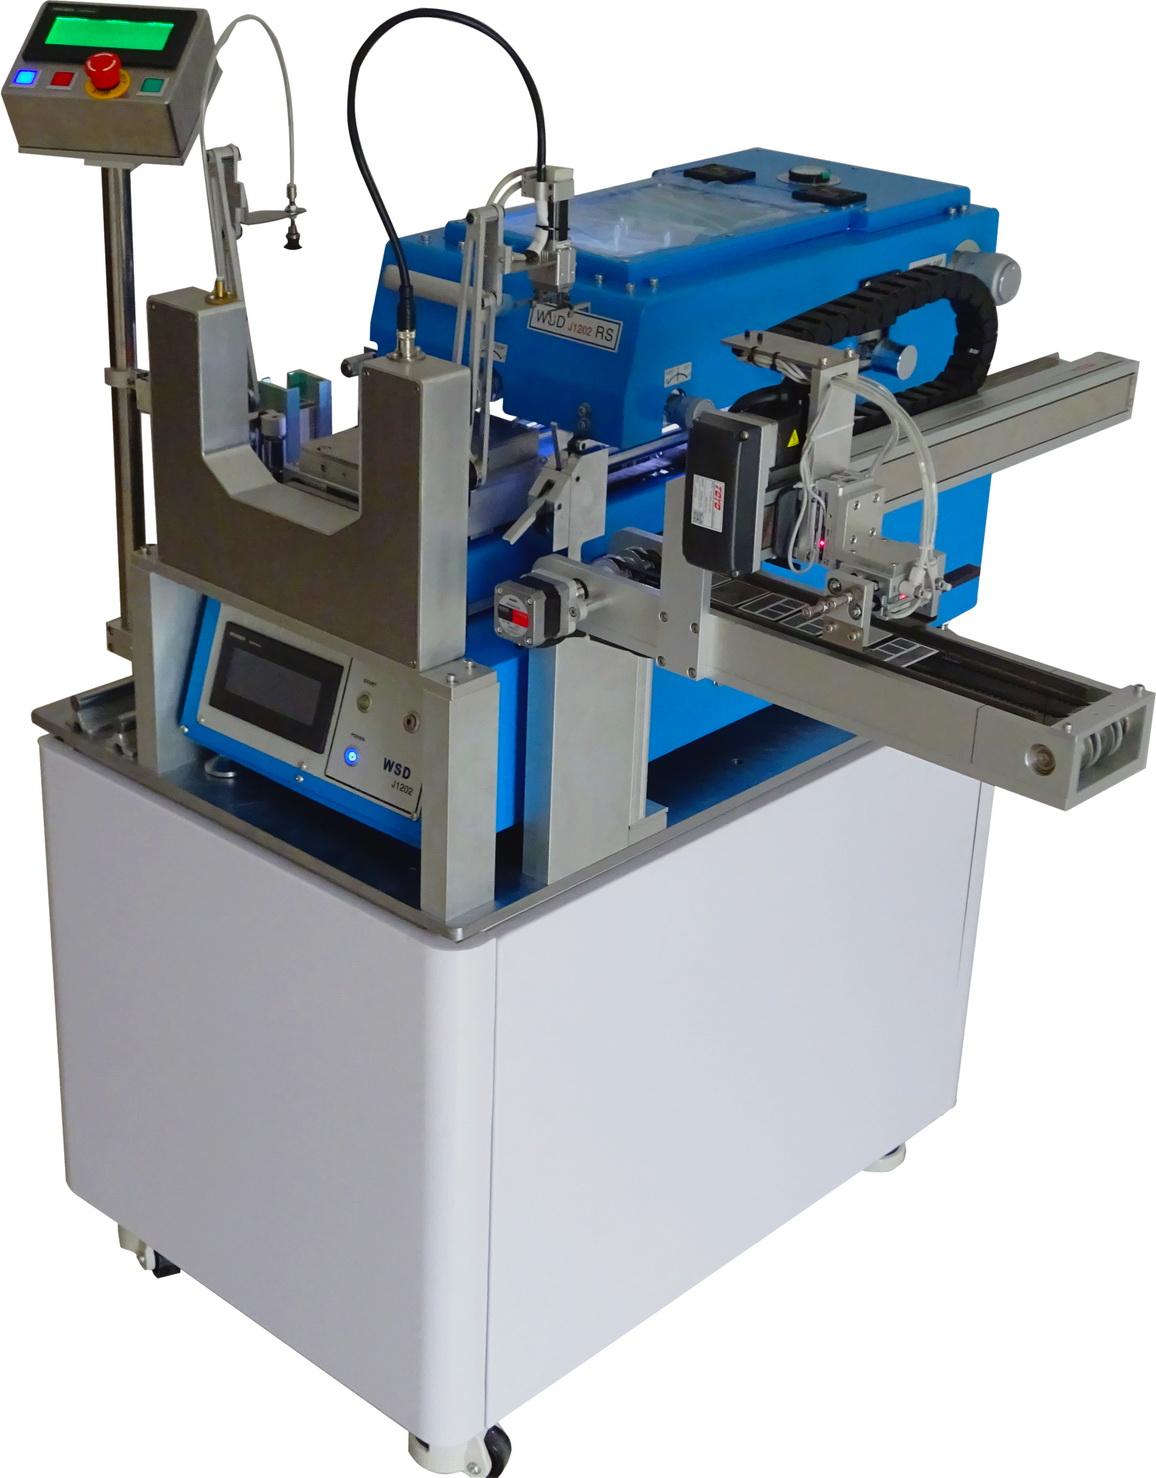 J3202全自動厚膜印刷機